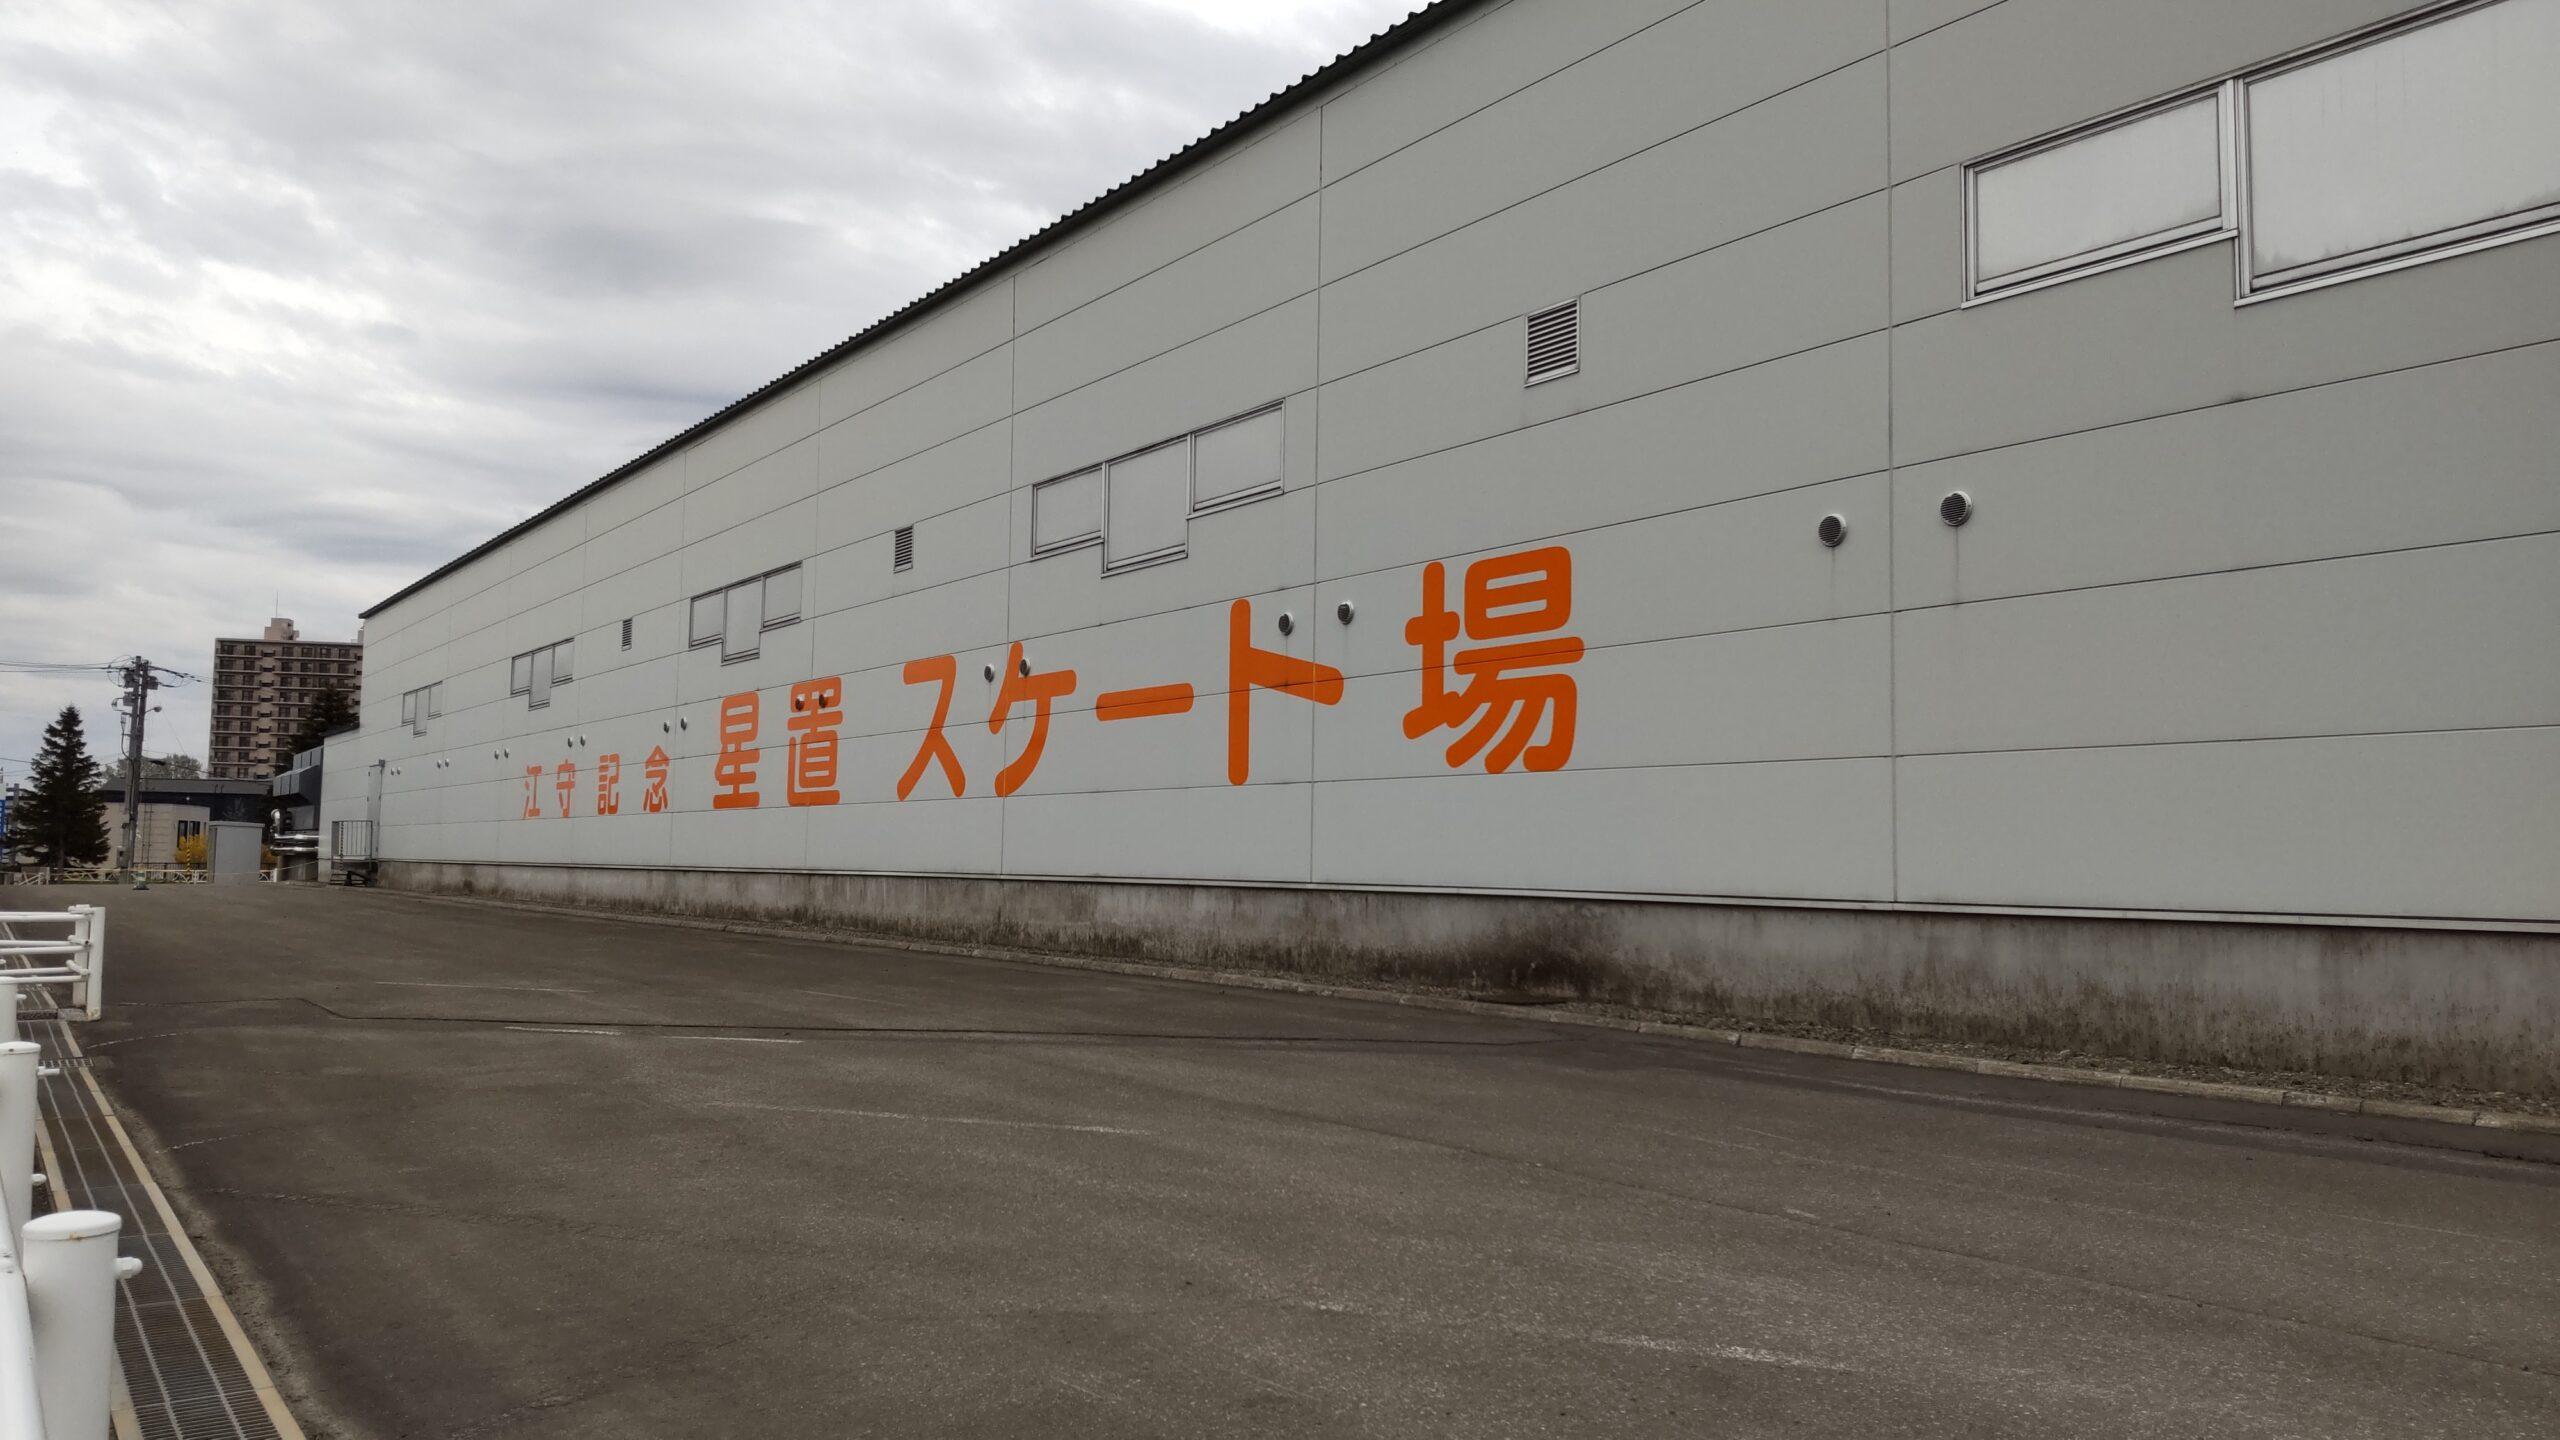 江守記念星置スケート場の外観